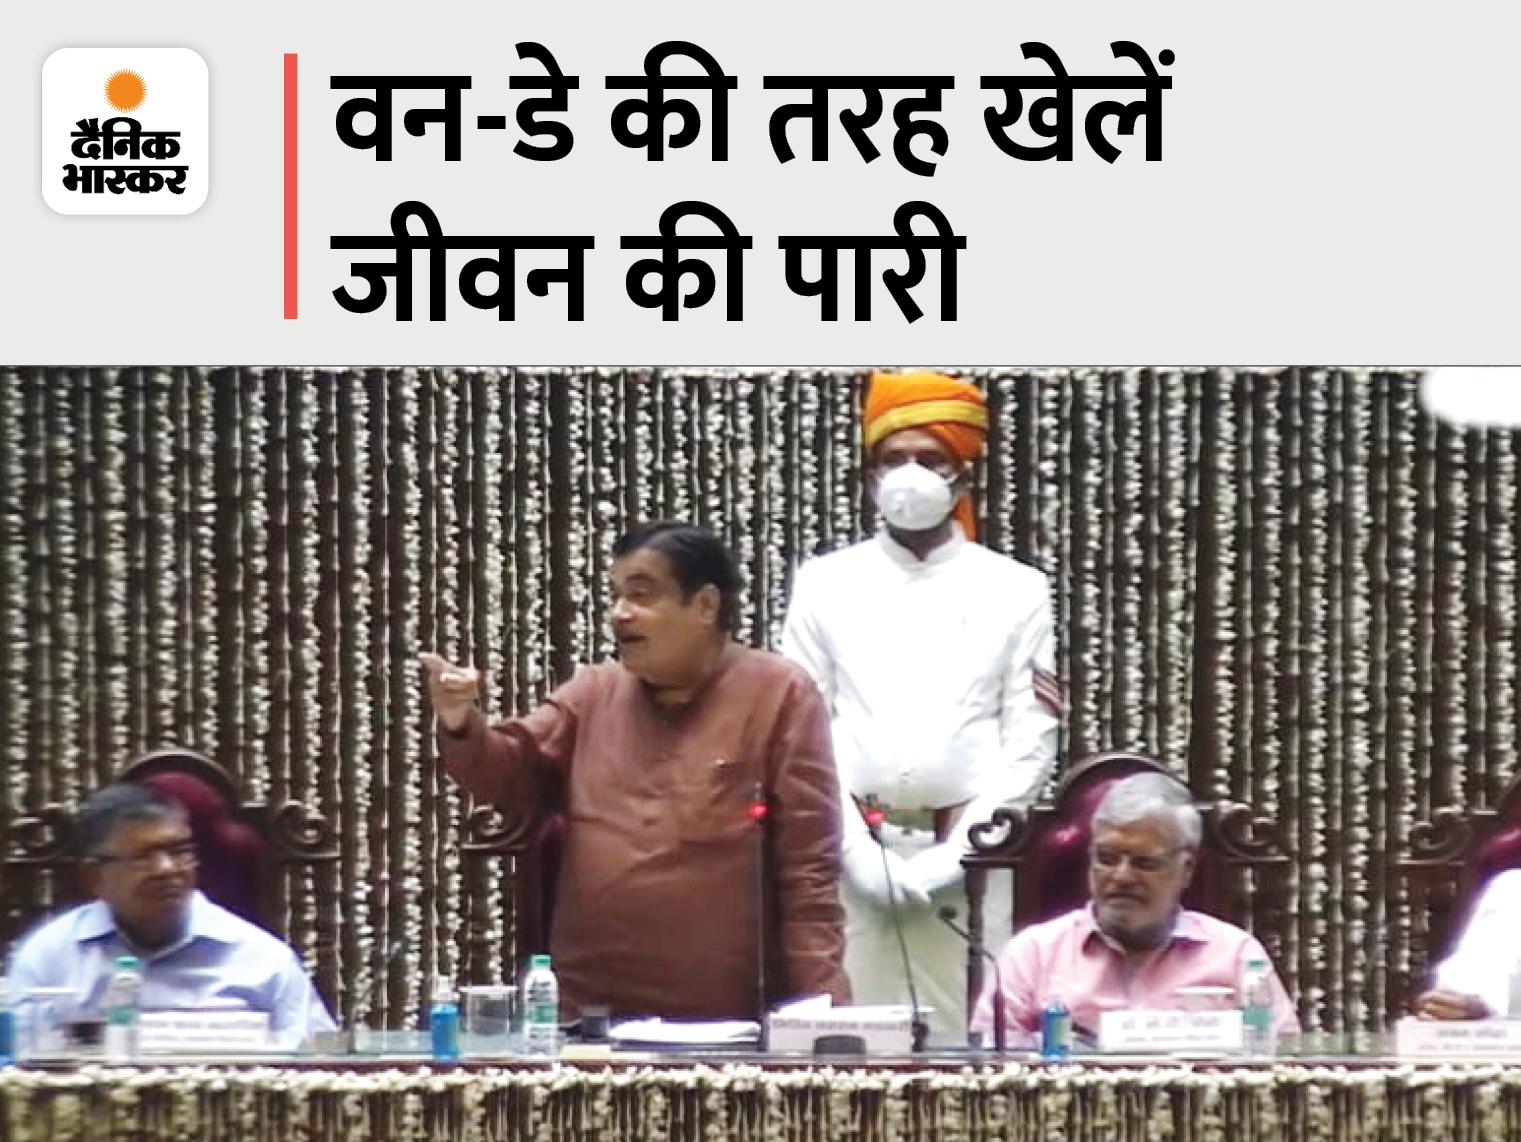 MLA मंत्री न बनने पर दुखी, मंत्री CM न बन पाने से दुखी; मुख्यमंत्री इसलिए दुखी कि पता नहीं कब तक रहेंगे|जयपुर,Jaipur - Dainik Bhaskar